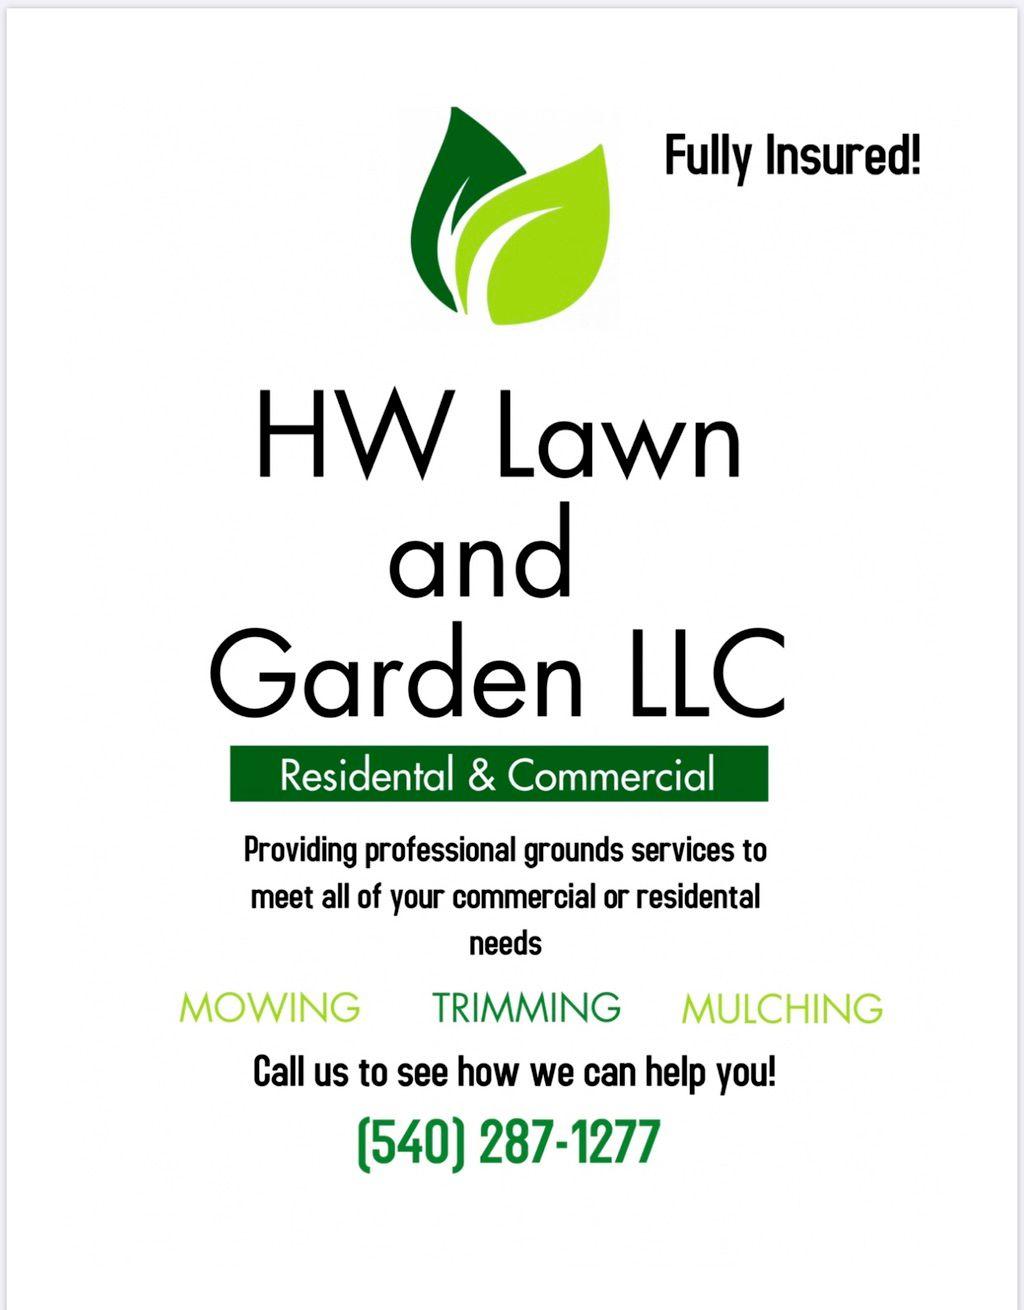 HW Lawn and Garden LLC